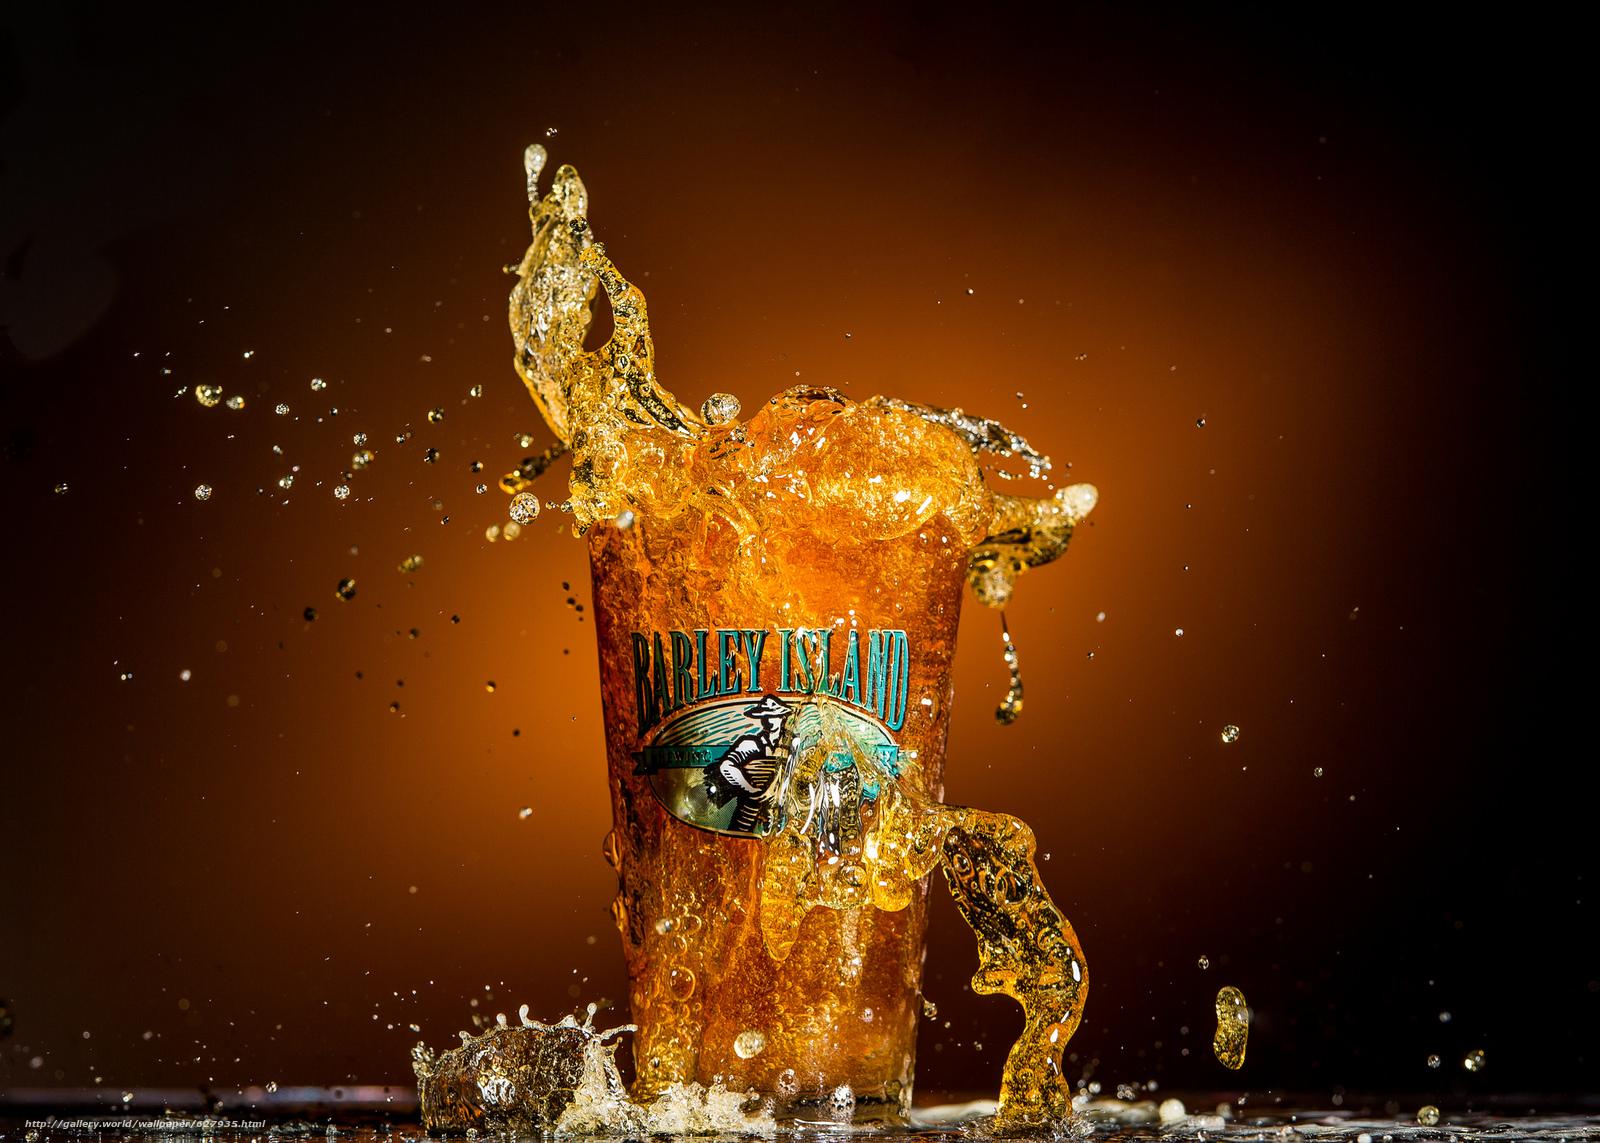 Скачать на телефон обои фото картинку на тему Barley Island Beer, пиво, всплеск, стакан, макро, разширение 2048x1463